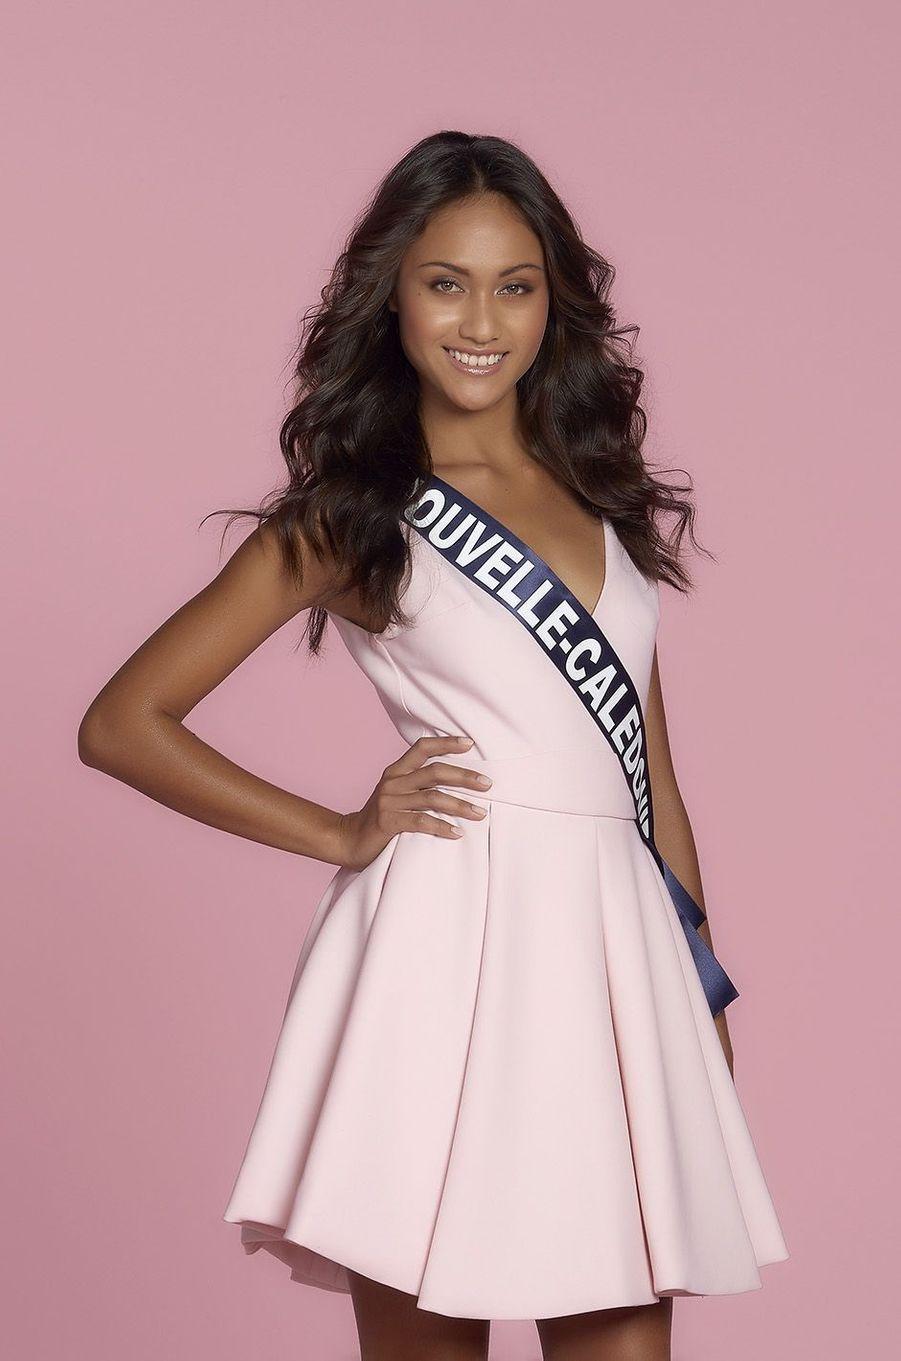 Levina Napoléon, Miss Nouvelle-Calédonie.